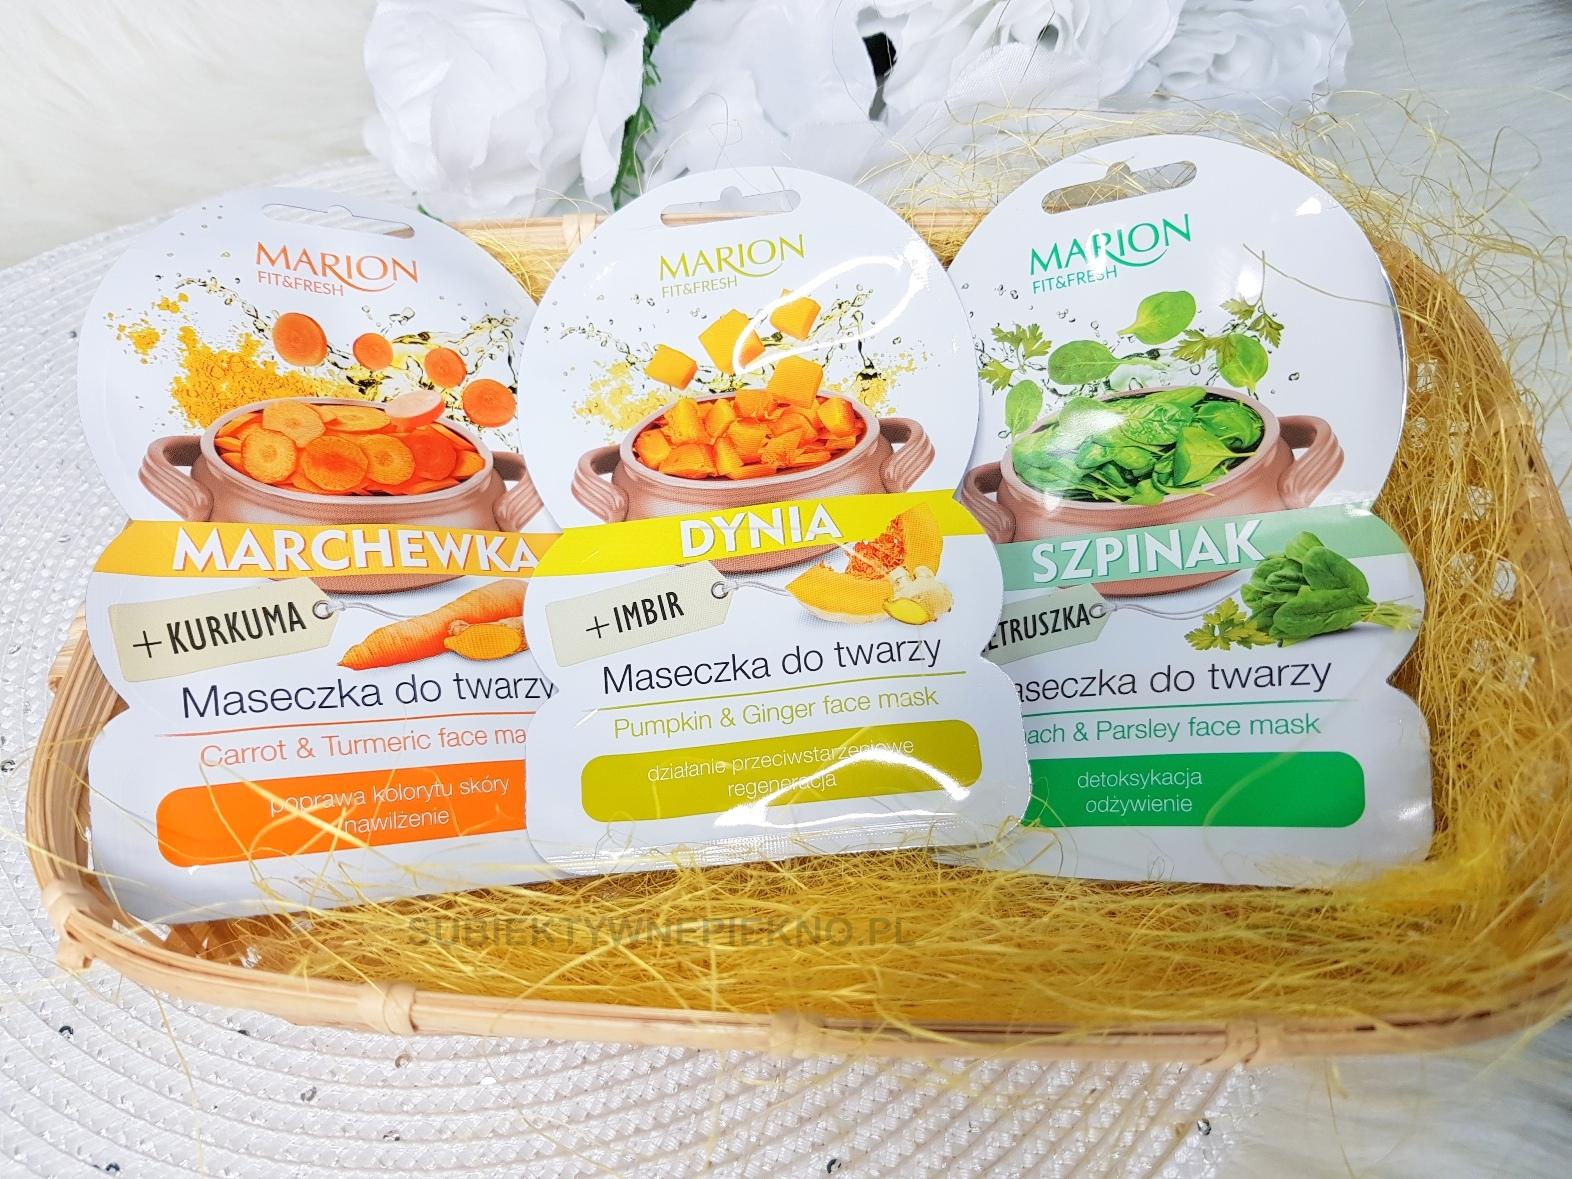 Warzywne maseczki do twarzy Marion - szpinak z pietruszką, marchewka z kurkumą i dynia z imbirem